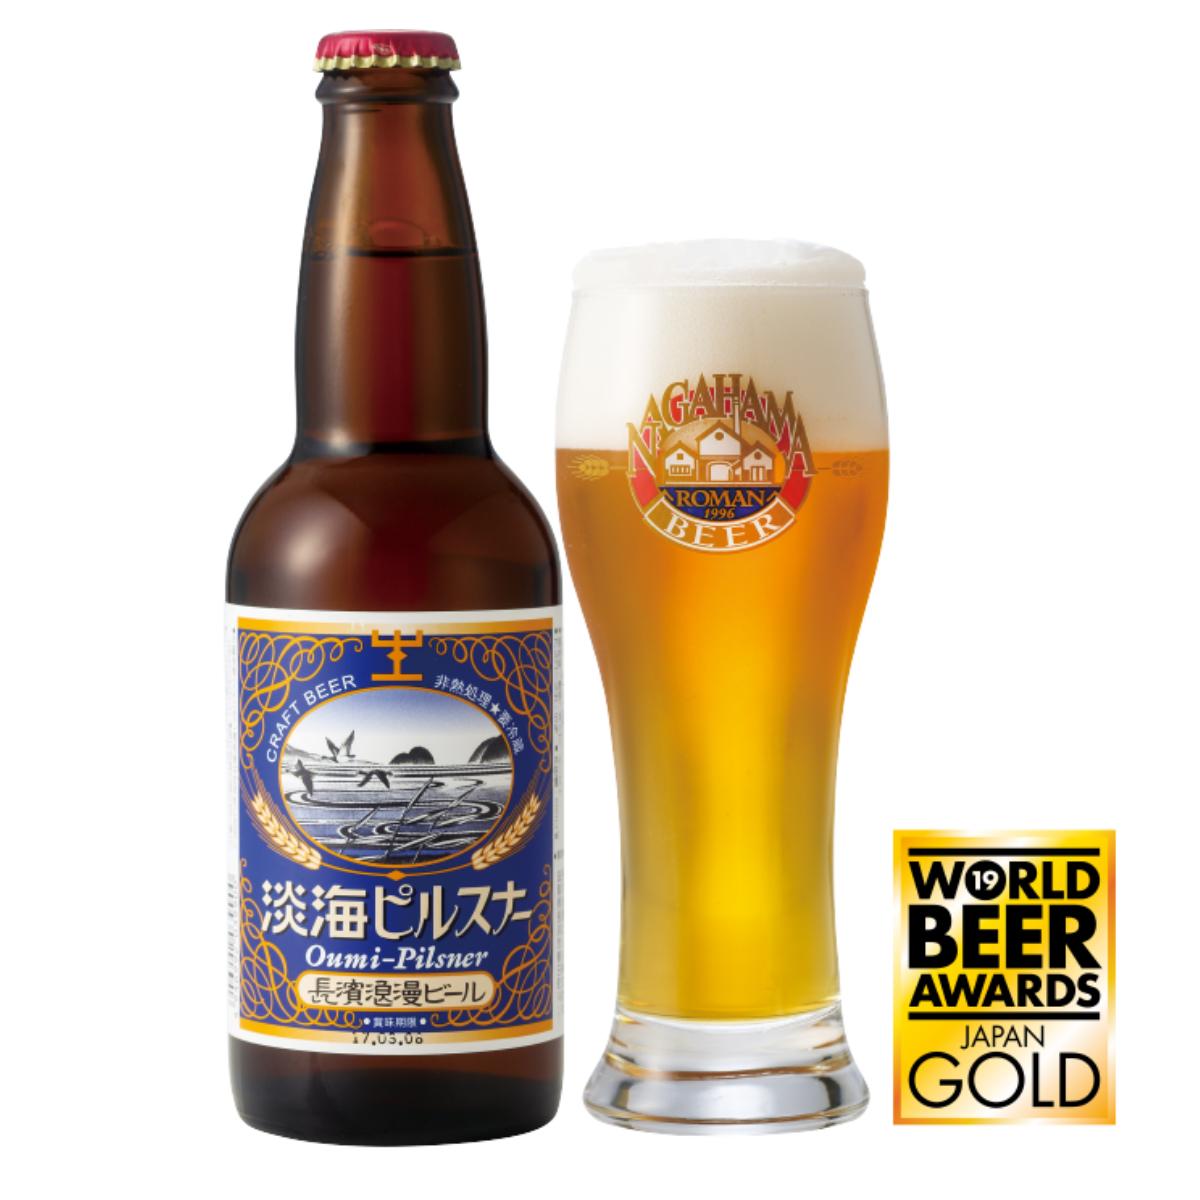 スッキリ しっかりモルトの旨み 淡海ピルスナー 時間指定不可 長濱浪漫ビール330ml CRAFT market Oumi-Pilsner非熱処理 beko お得クーポン発行中 要冷蔵 BEER